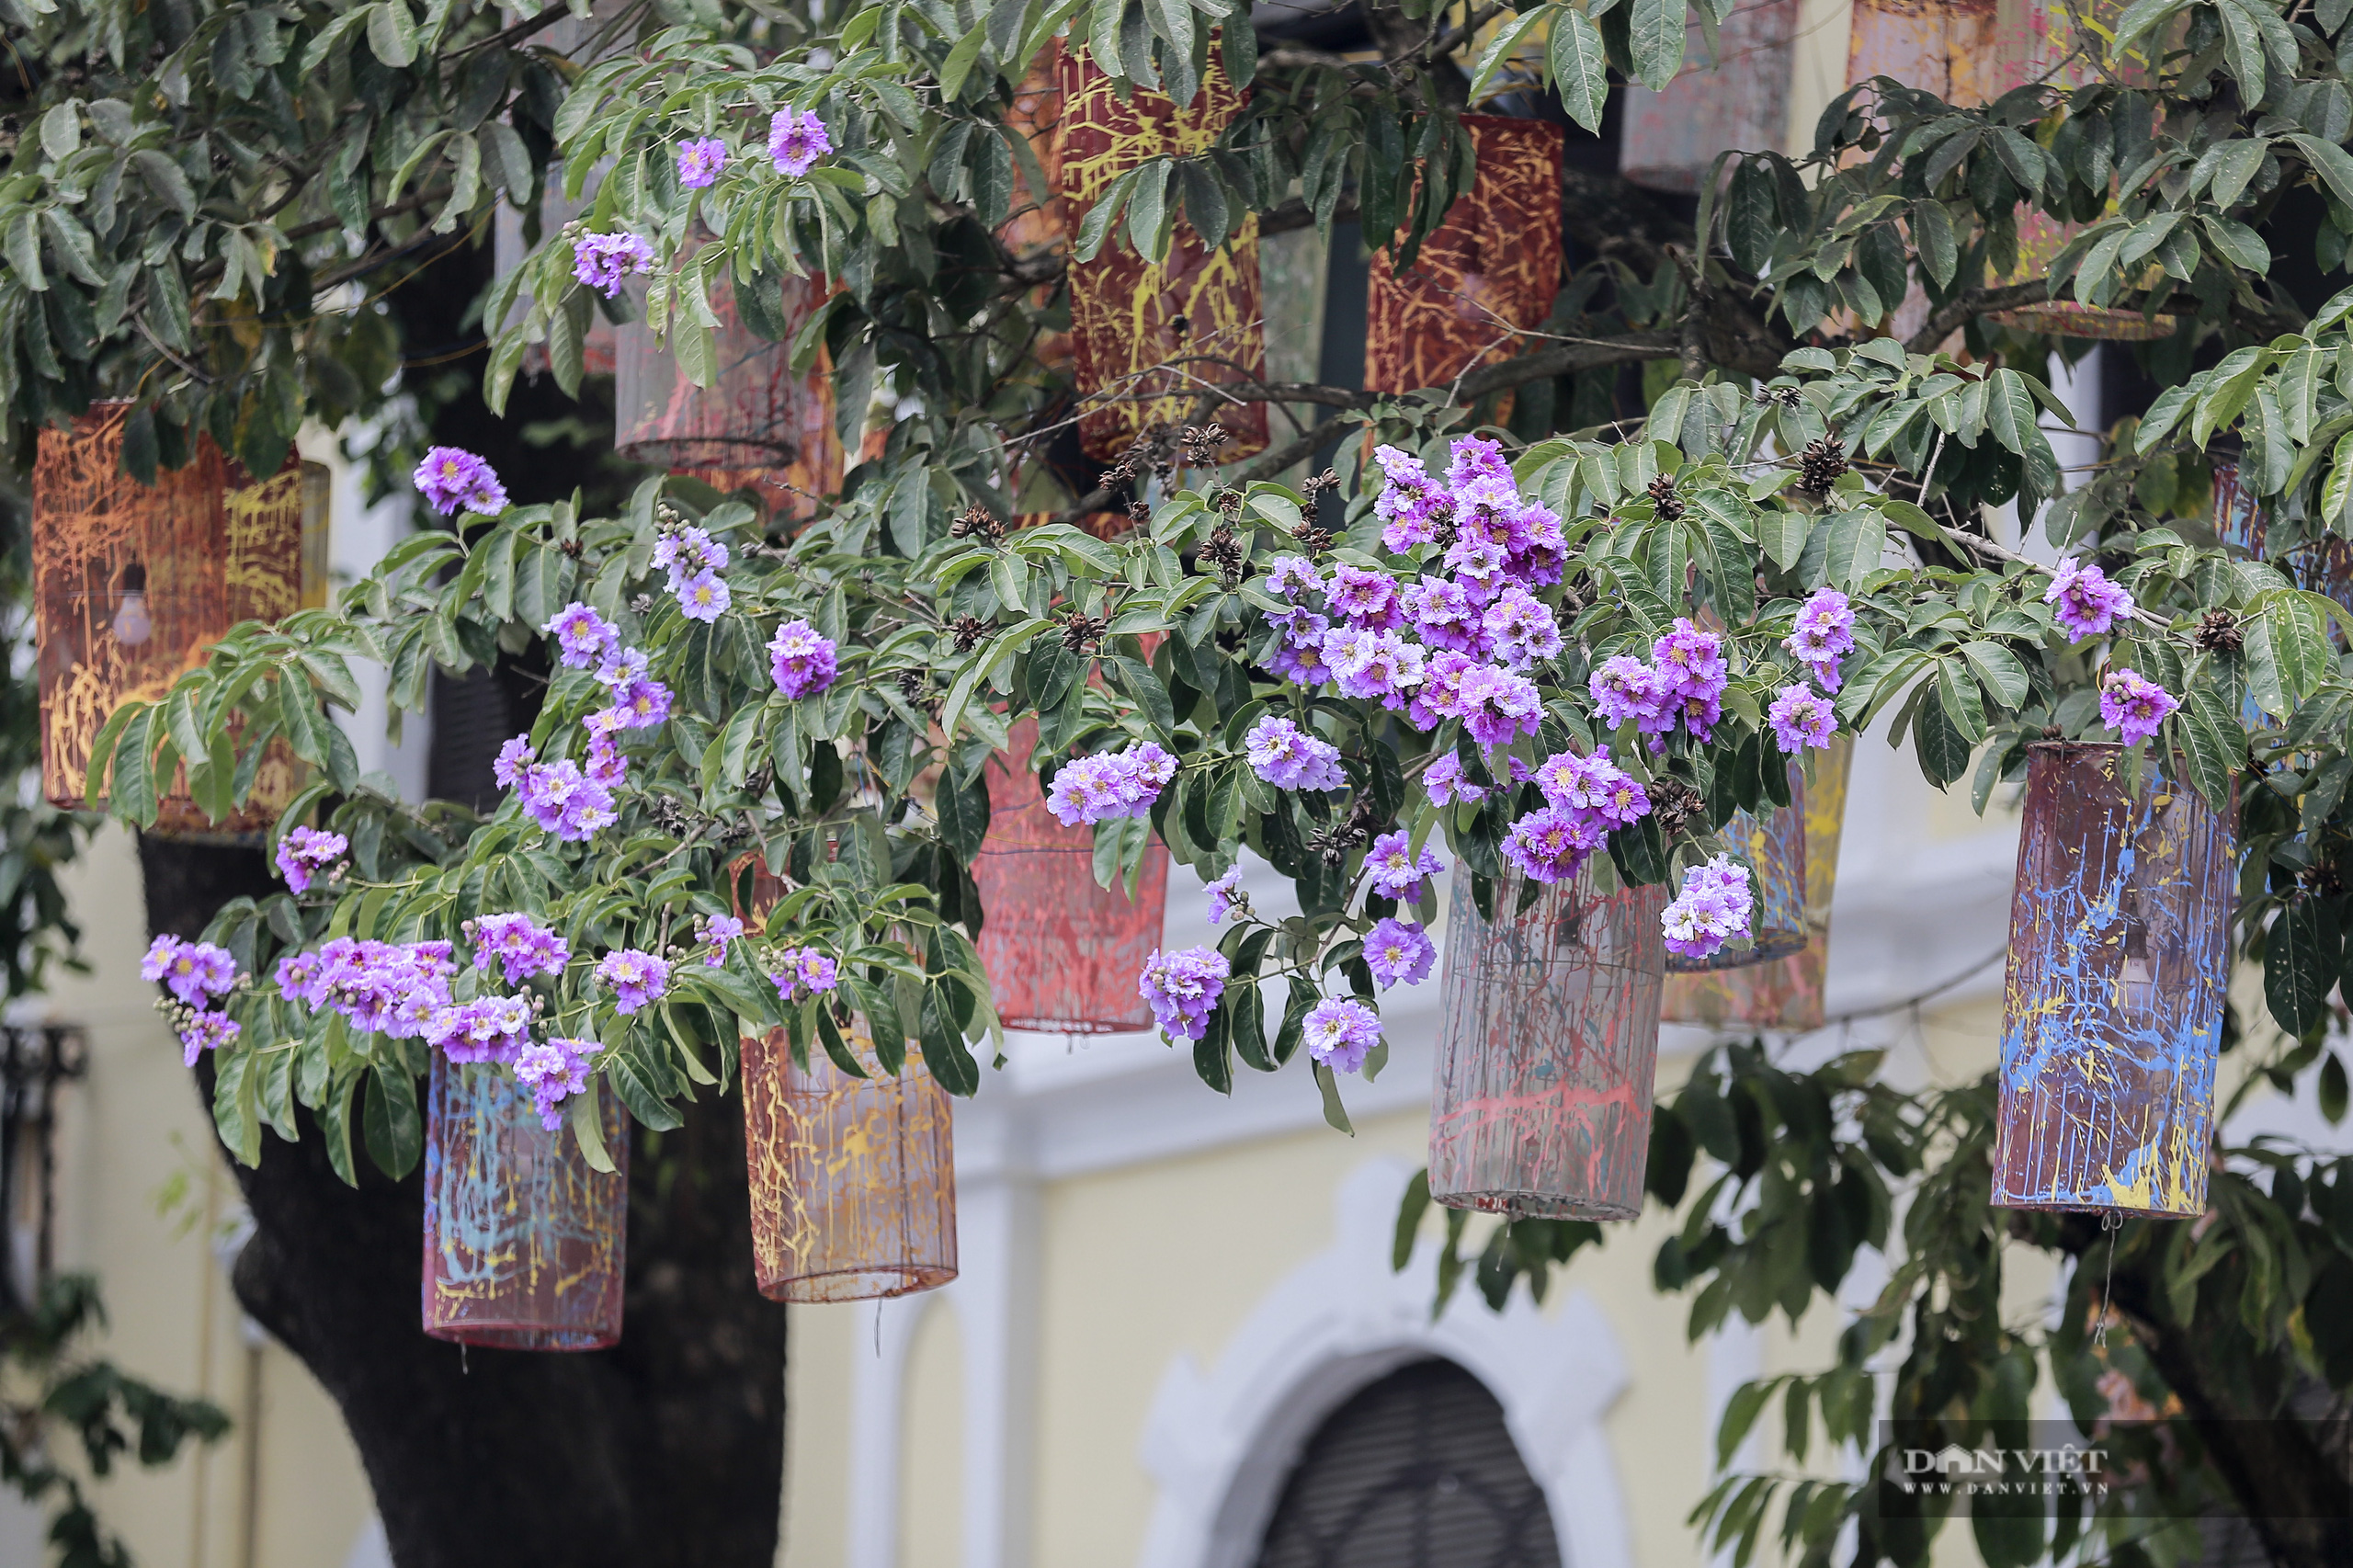 Hoa bằng lăng: loài hoa biểu tượng của sự thủy chung nở rộ khắp đường phố Hà Nội - Ảnh 3.